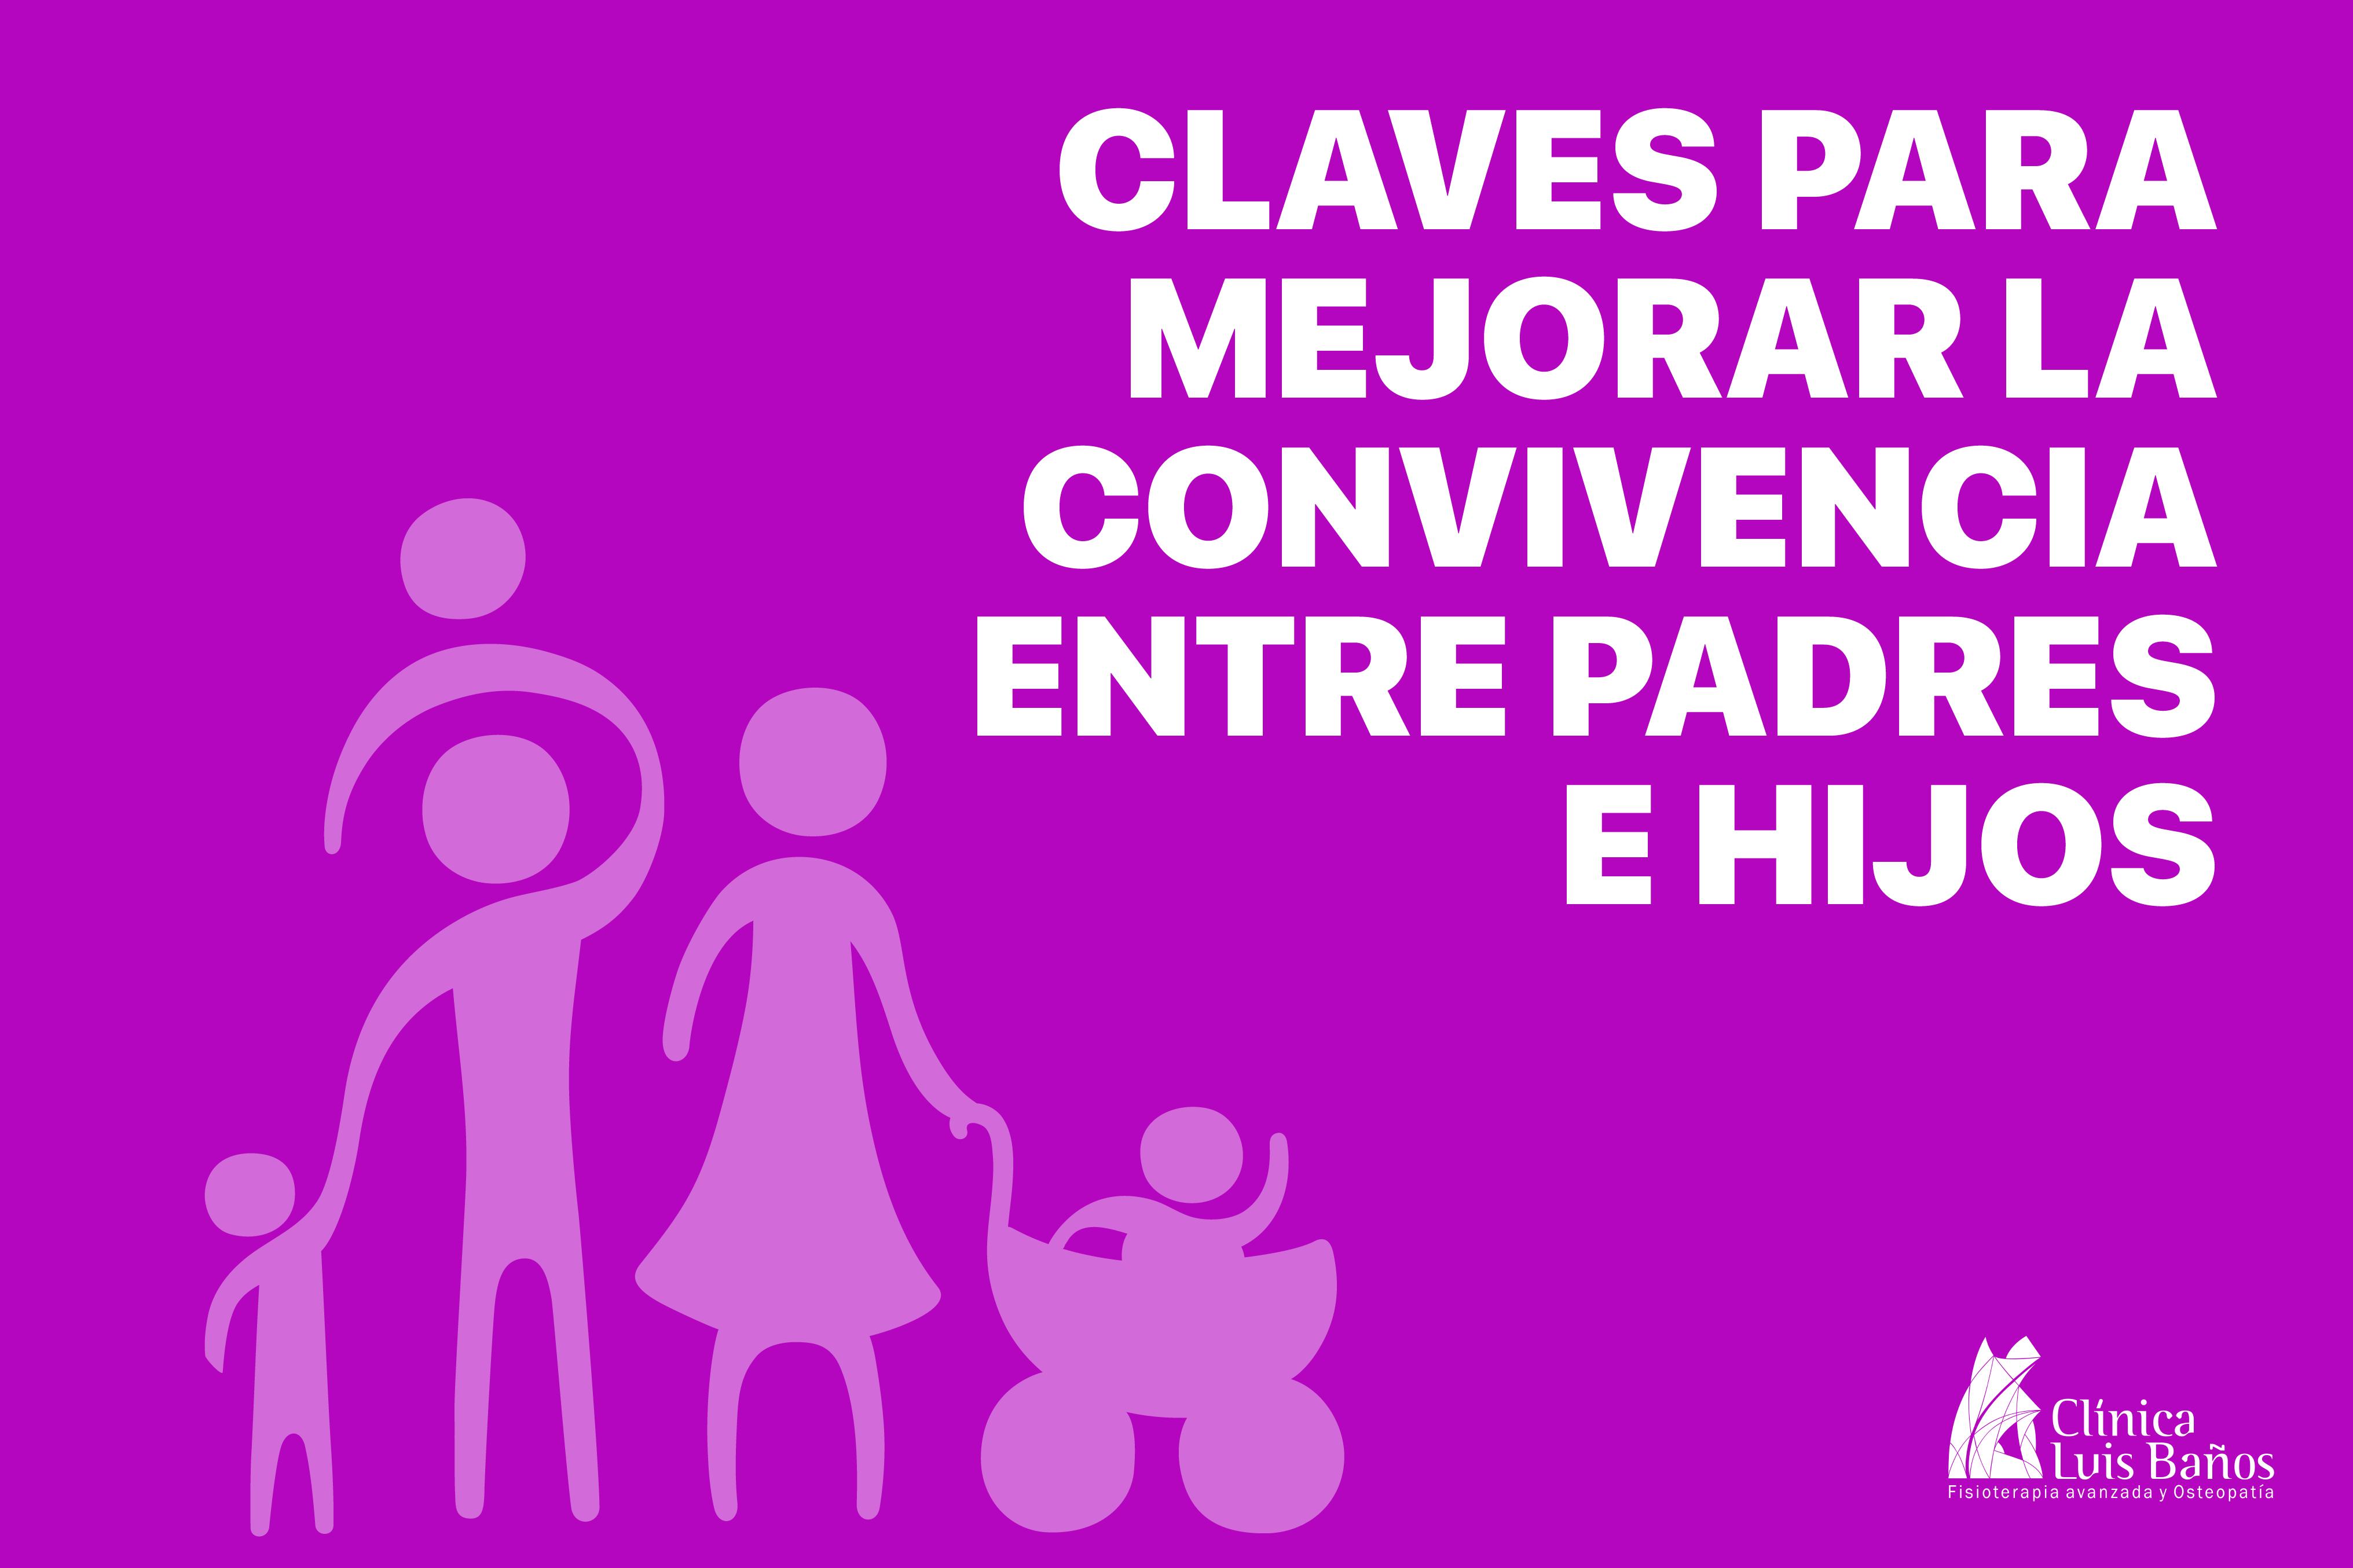 Diseño para la imagen destacada del artículo sobre cómo mejorar la convivencia entre padres e hijos